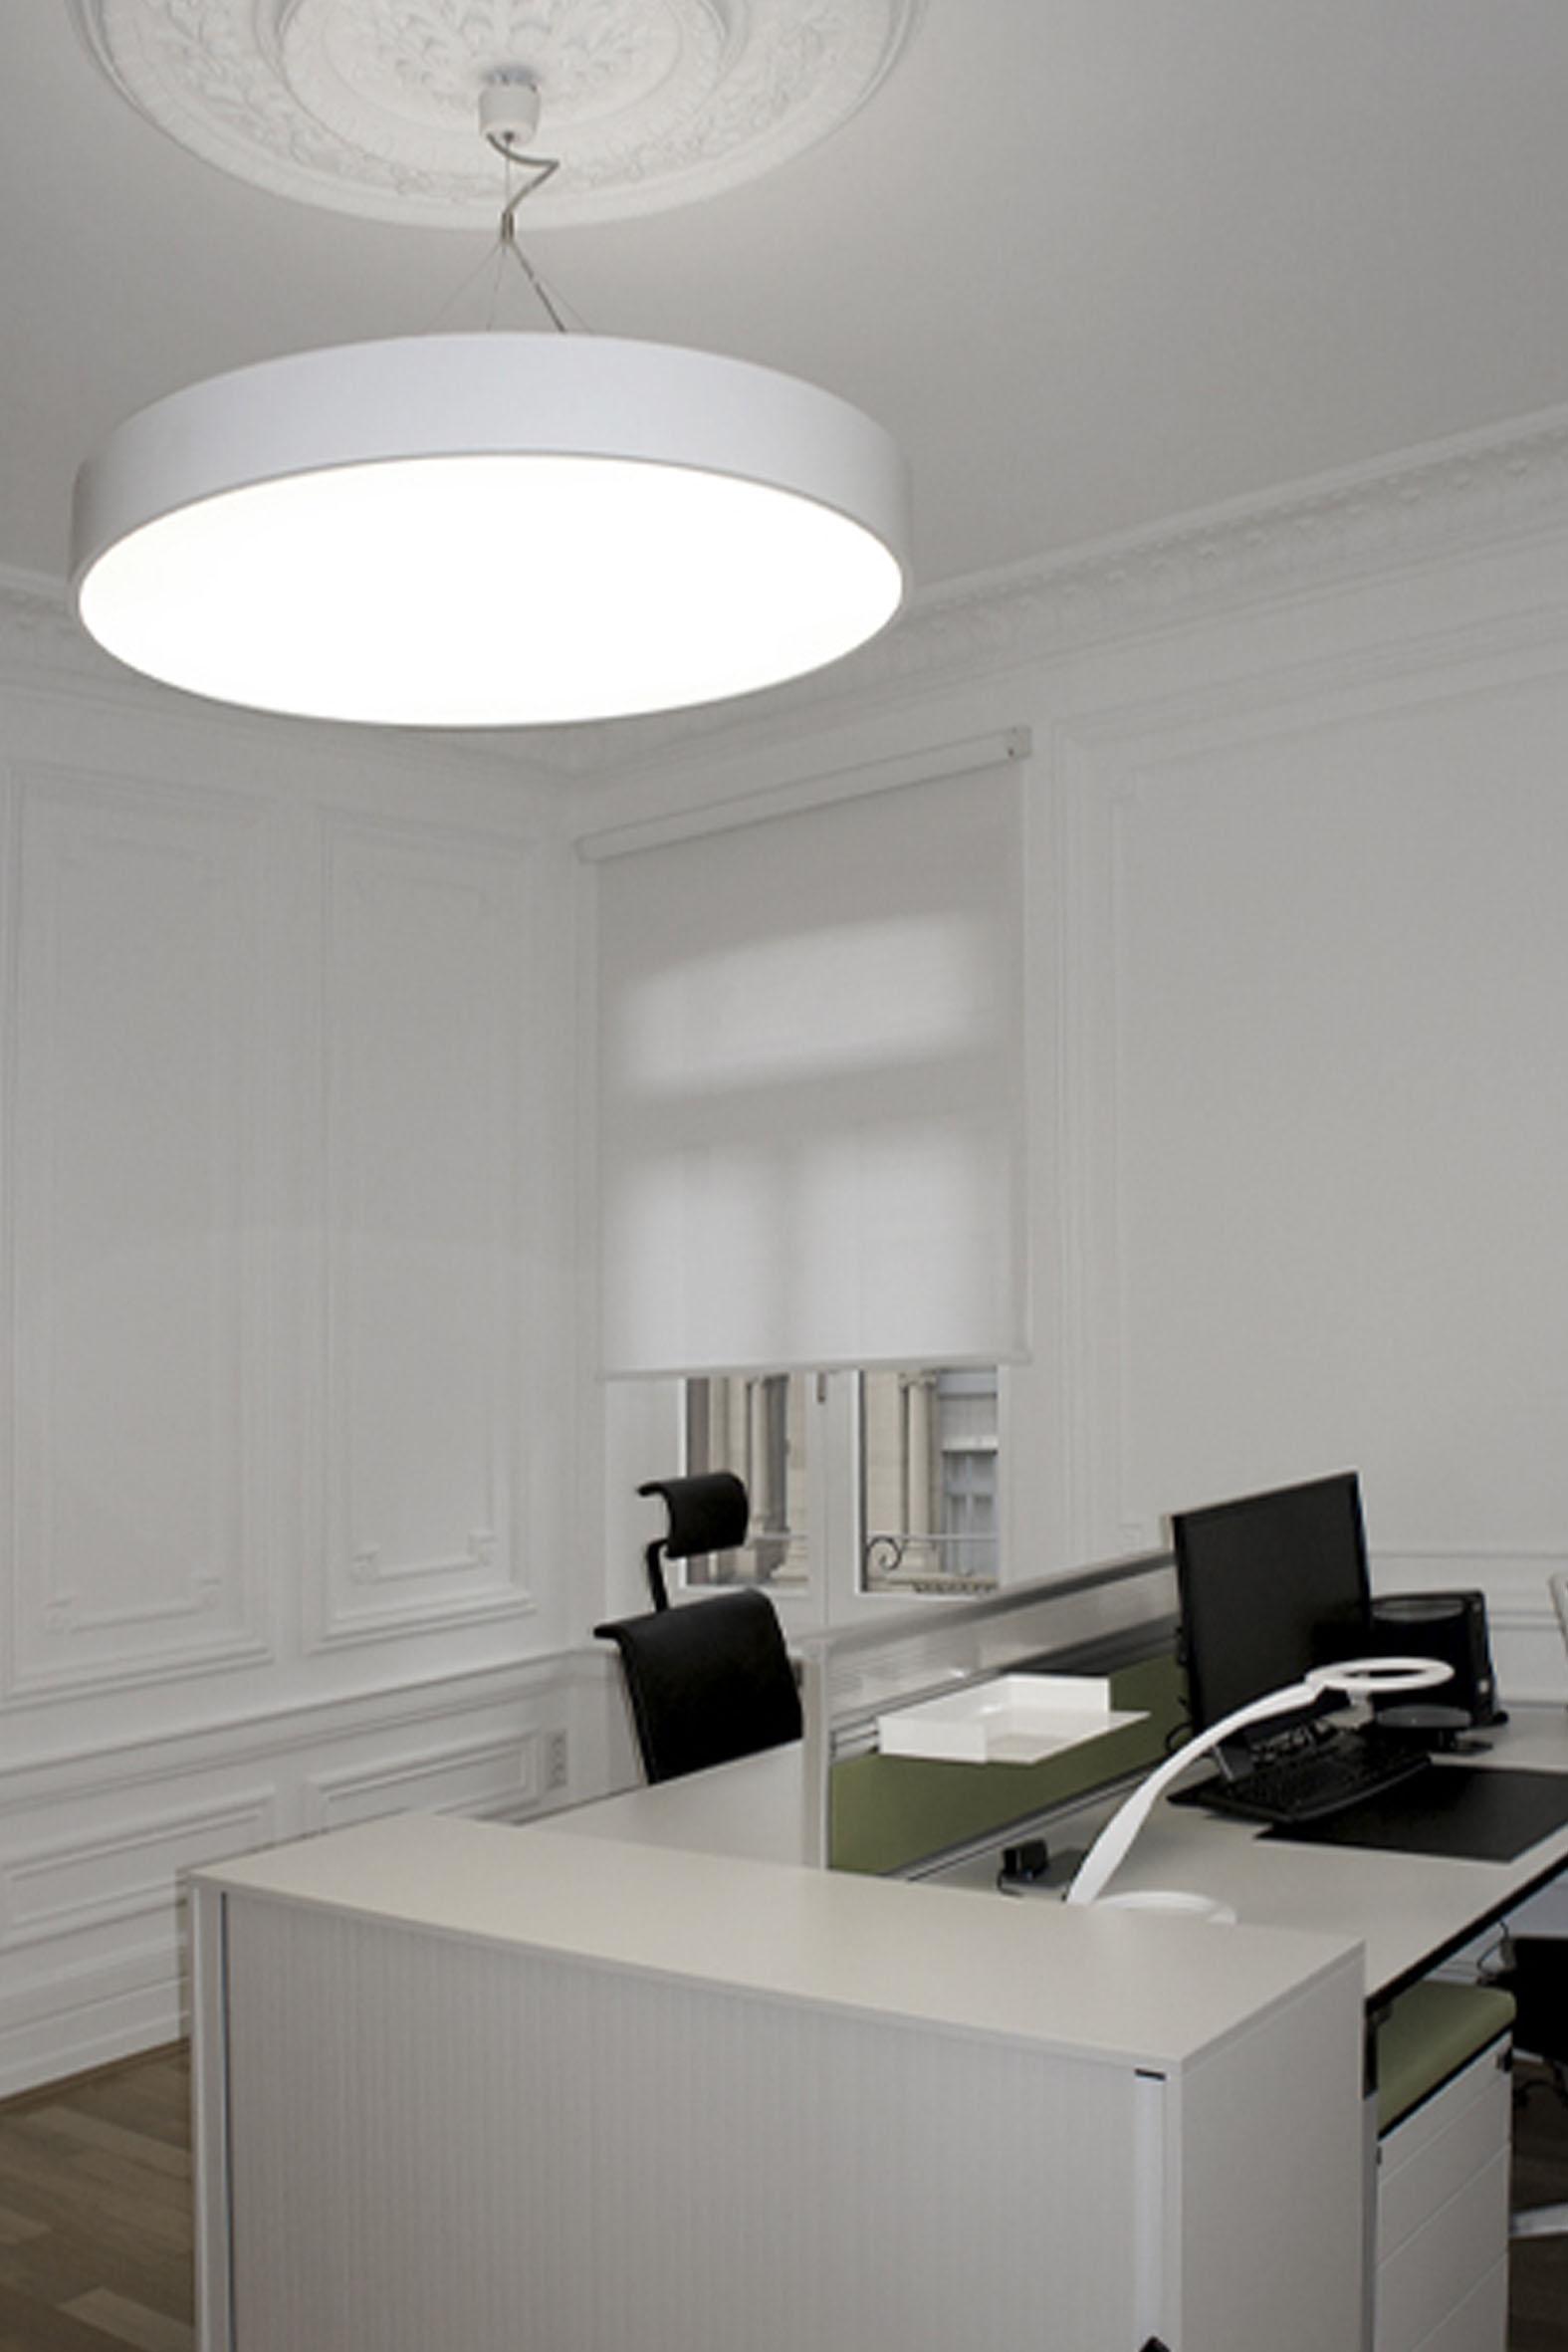 Beleuchtung und Sonnenschutz